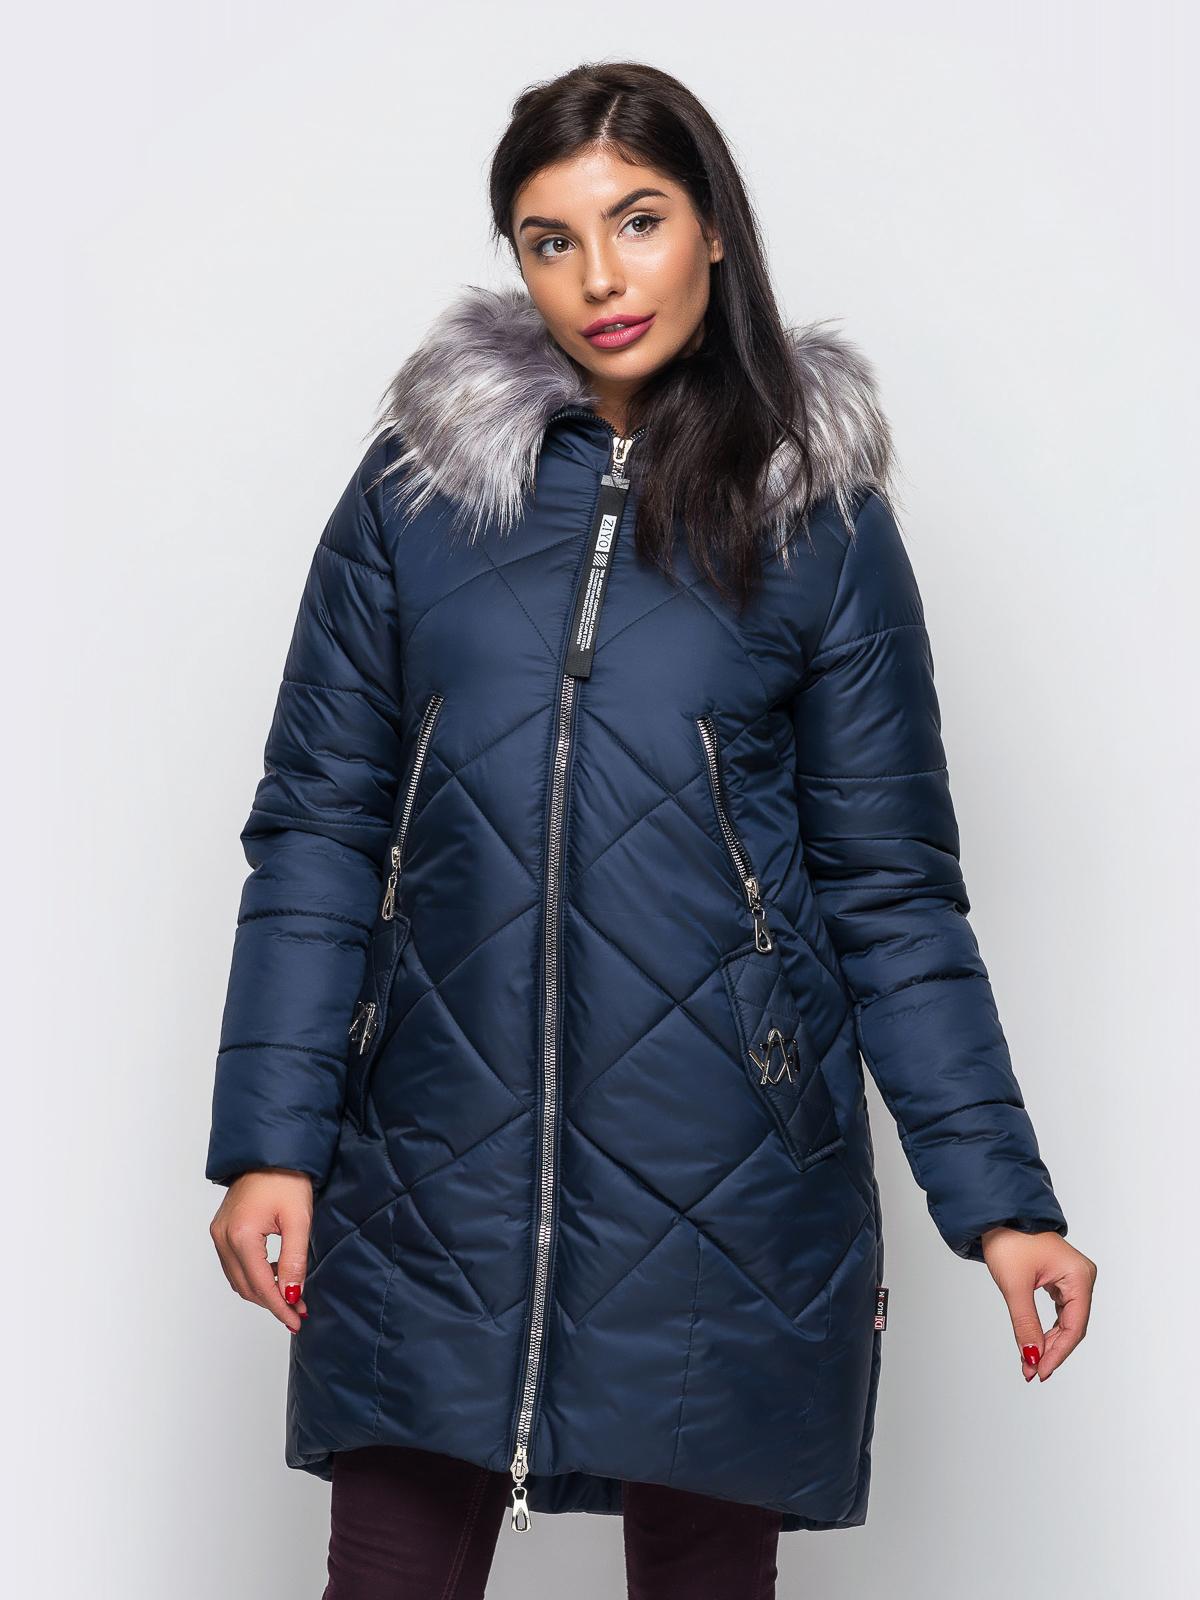 Зимняя куртка тёмно-синего цвета с отстегивающимся мехом - 15211, фото 1 – интернет-магазин Dressa